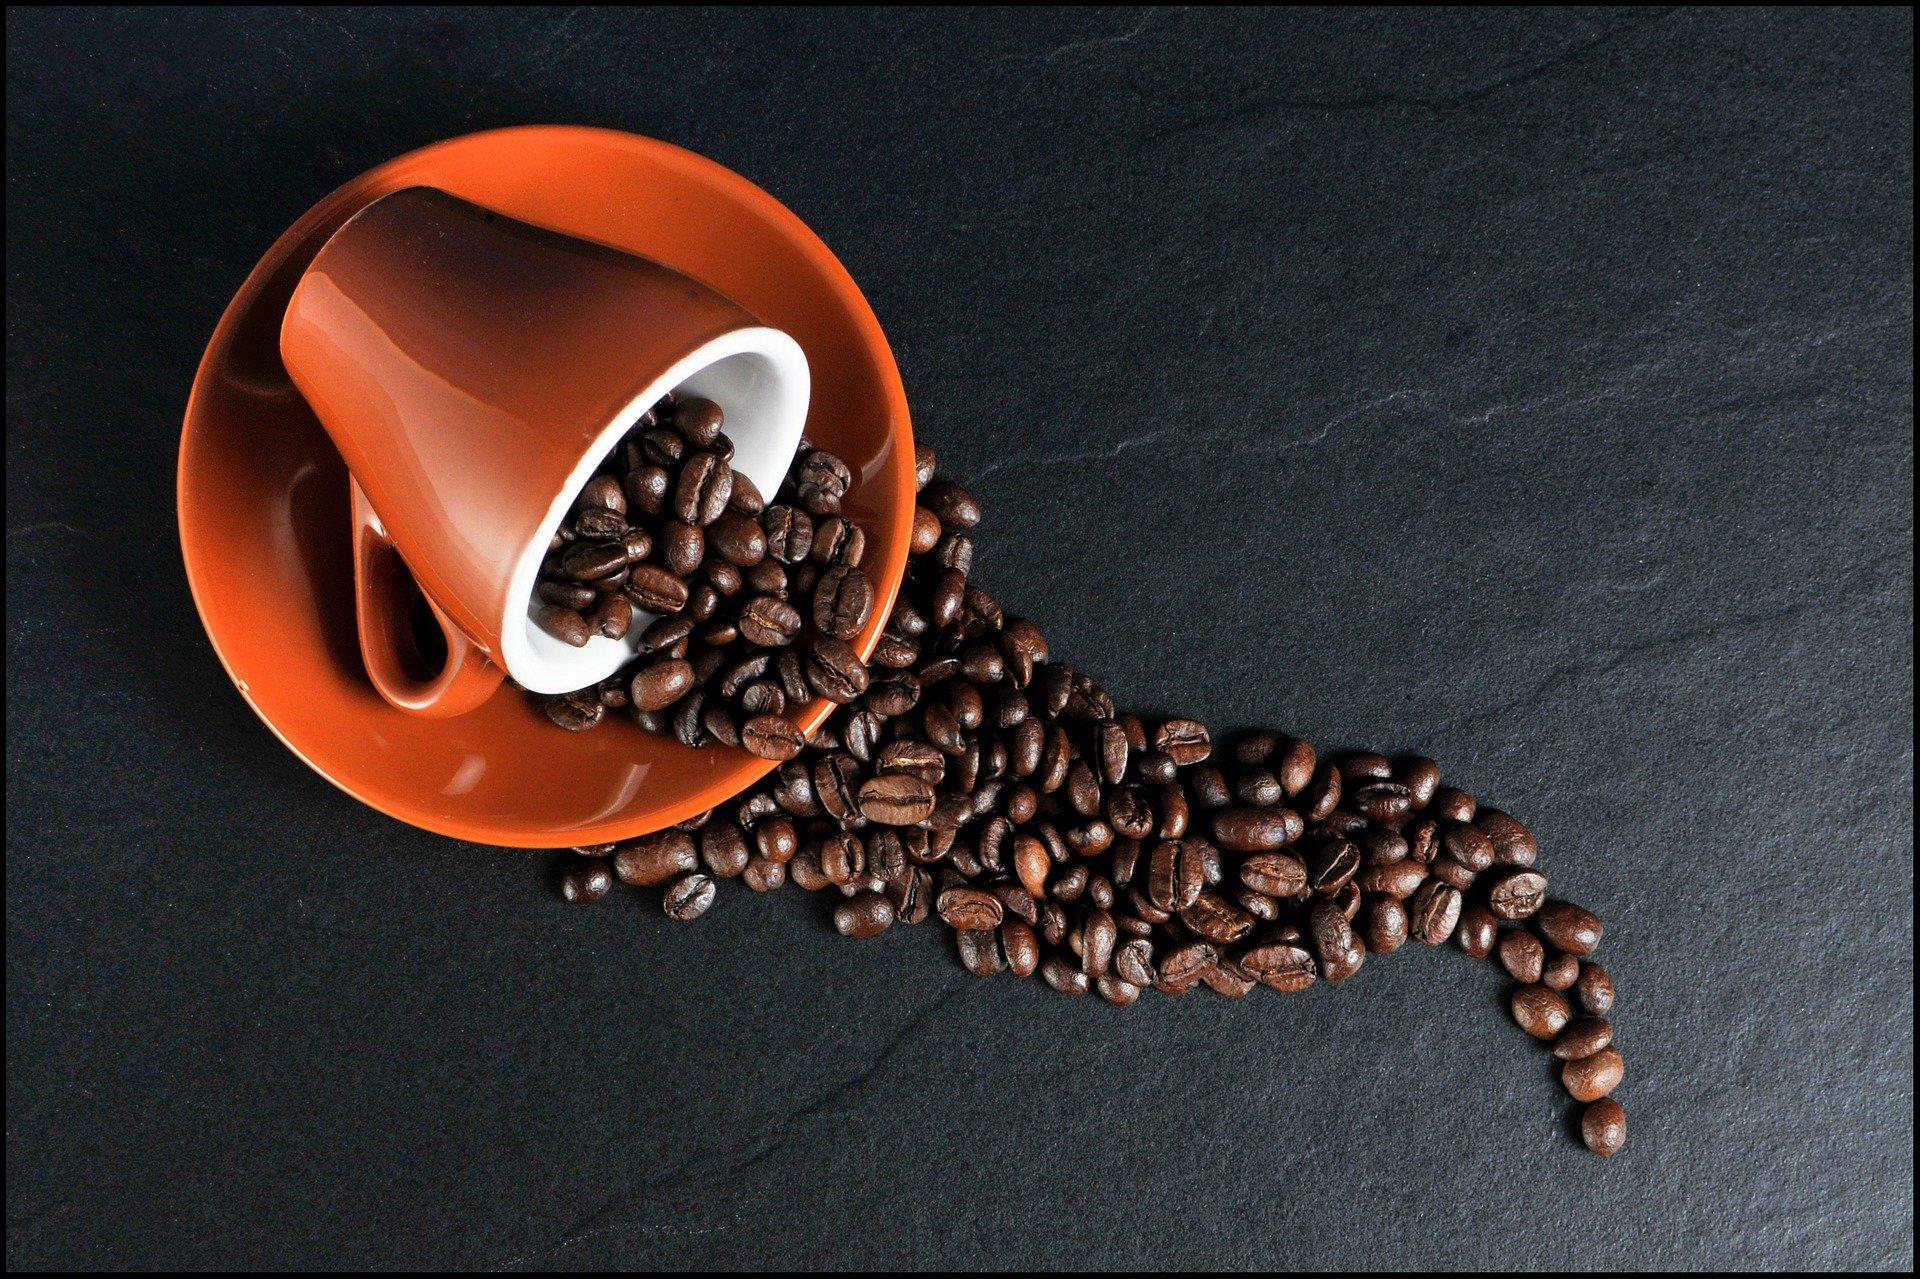 Na imagem há uma xícara deitada sobre o pires com grãos de café esparramando sobre o pires e uma bancada de granito.